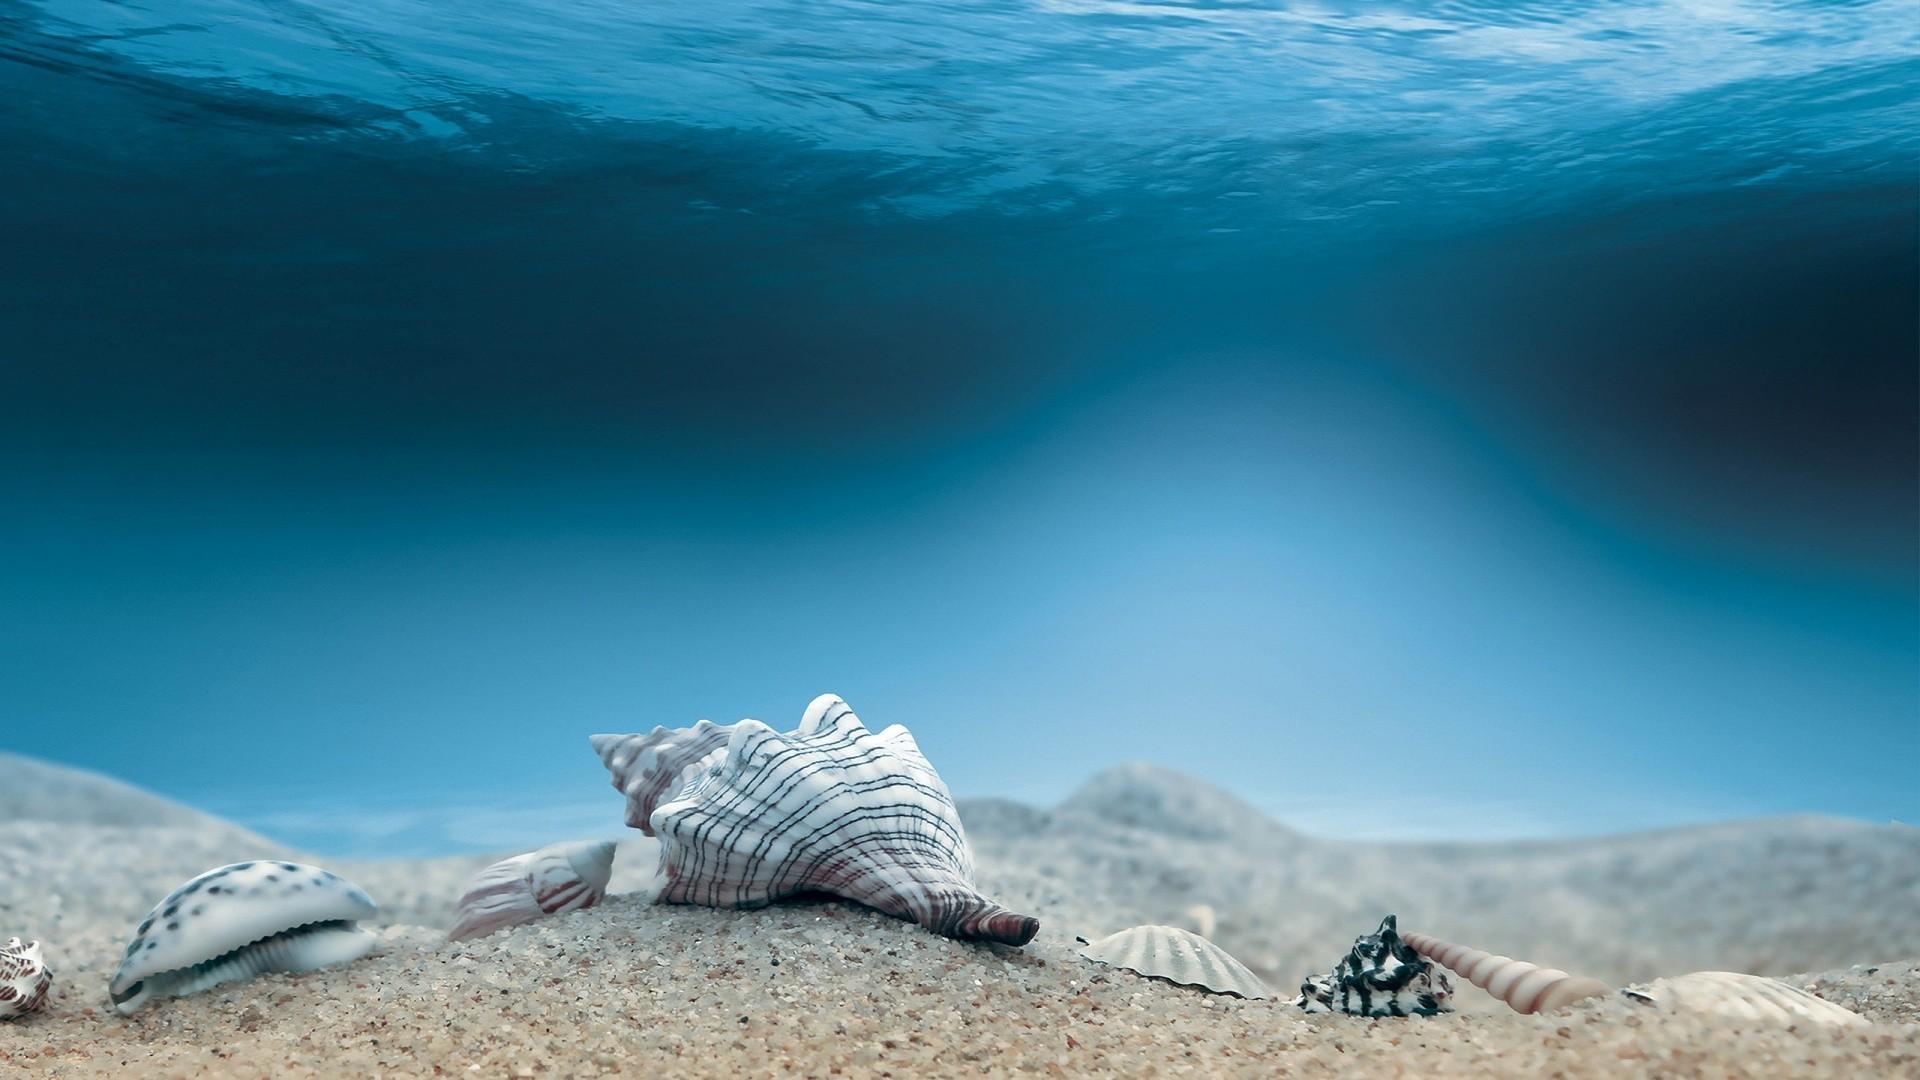 Res: 1920x1080, Ocean Sea Shells Digital Art HD Wallpaper